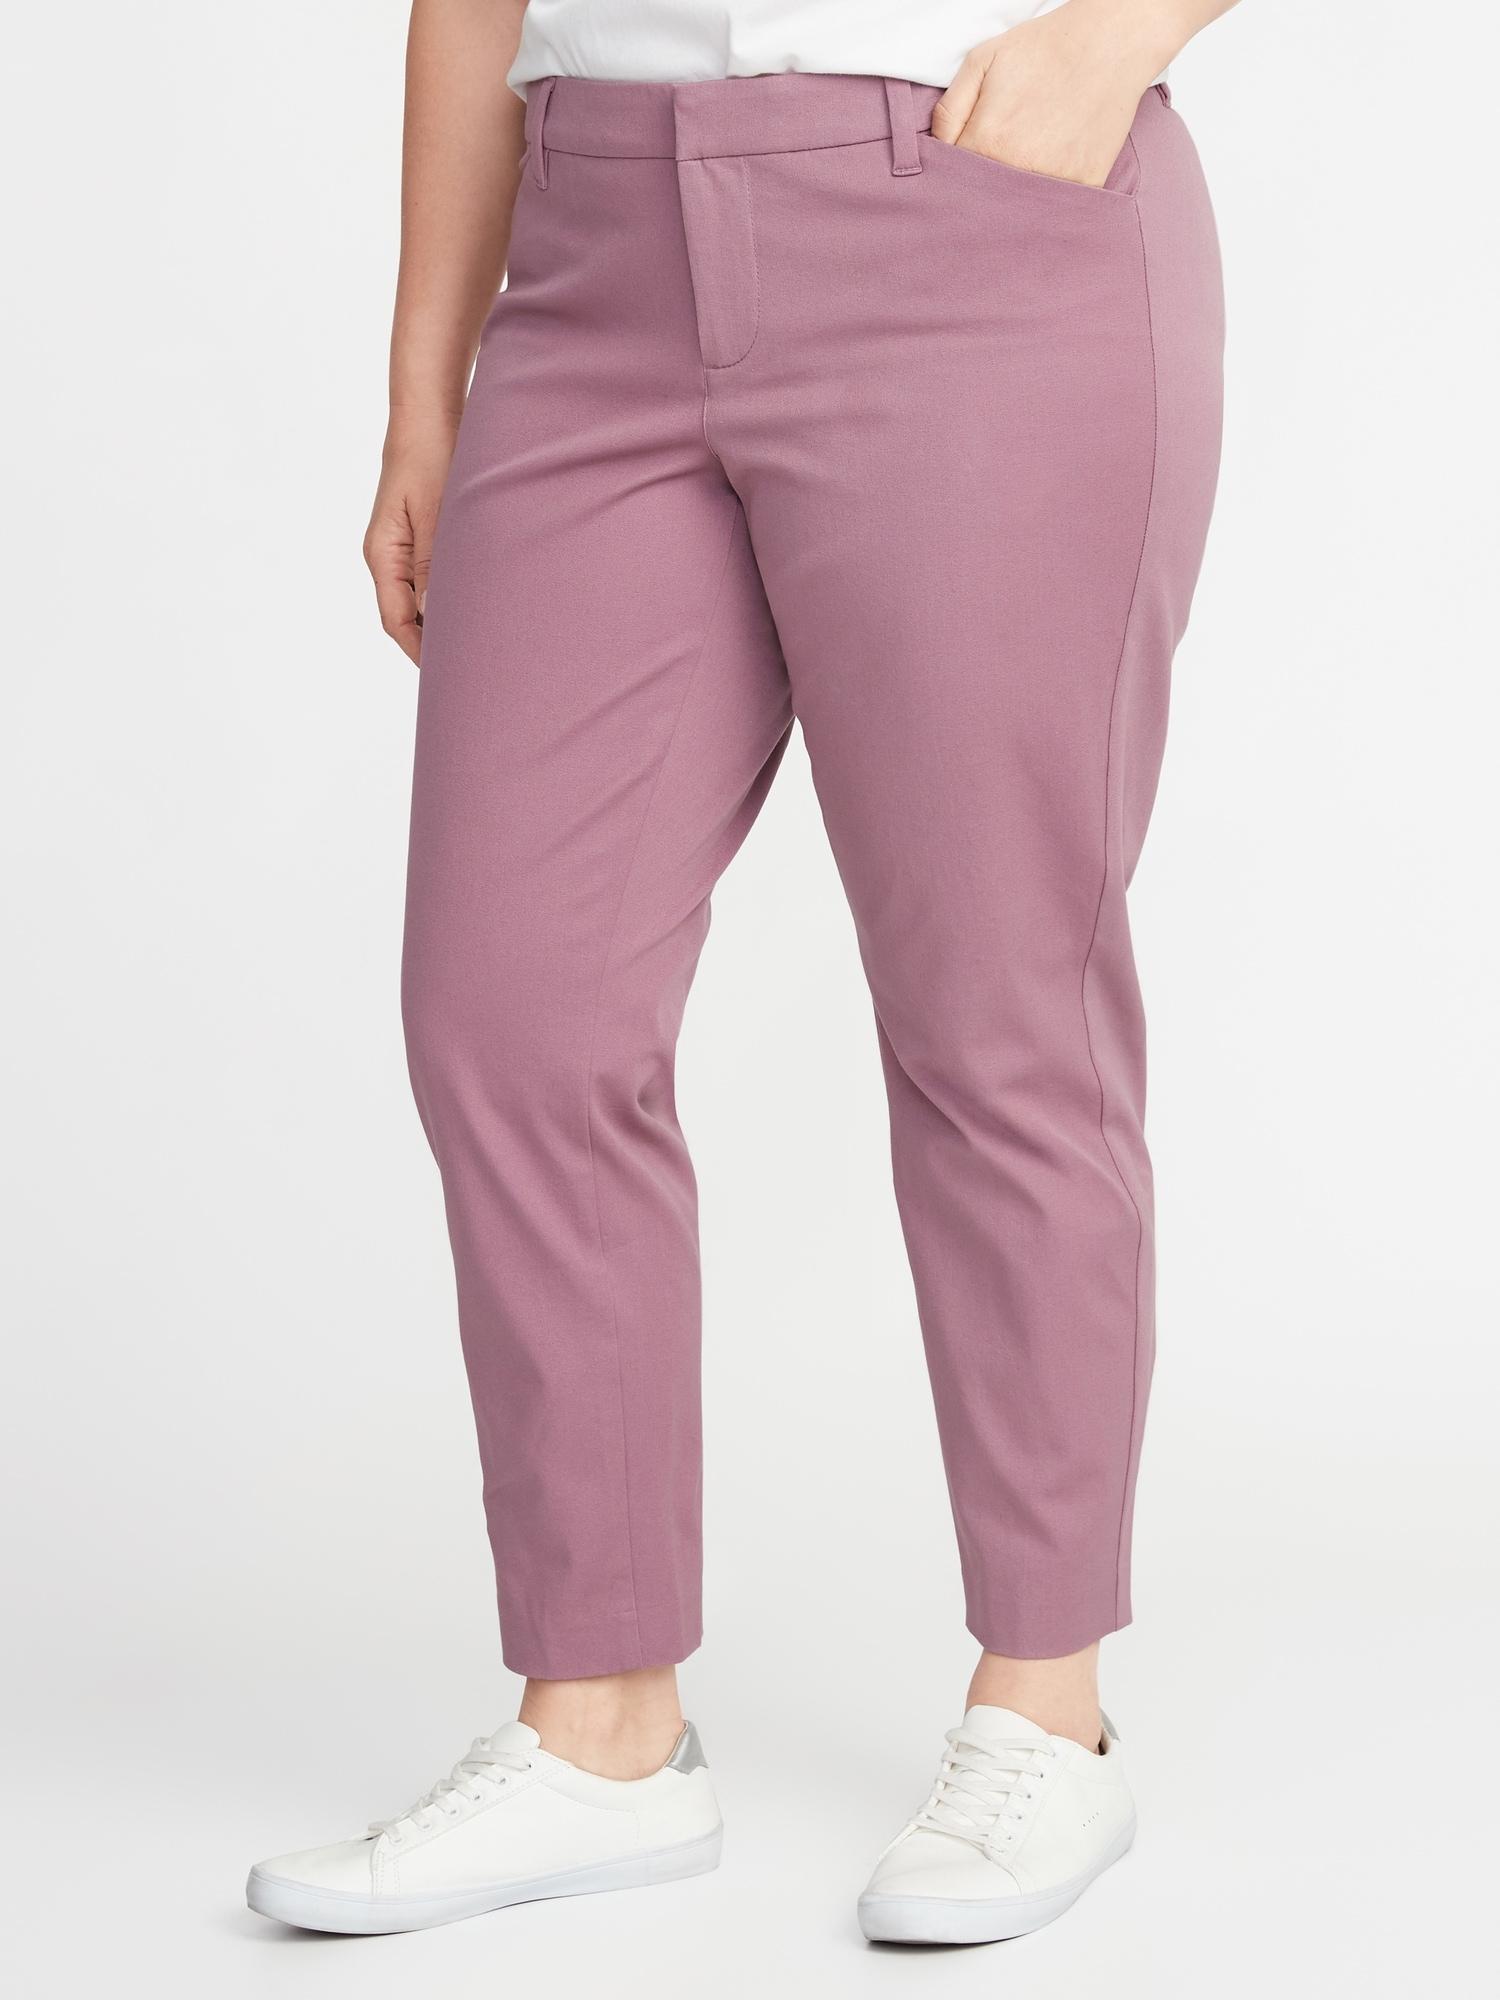 51bc2fcd2d4 Mid-Rise Secret-Slim Pockets Plus-Size Pixie Ankle Pants